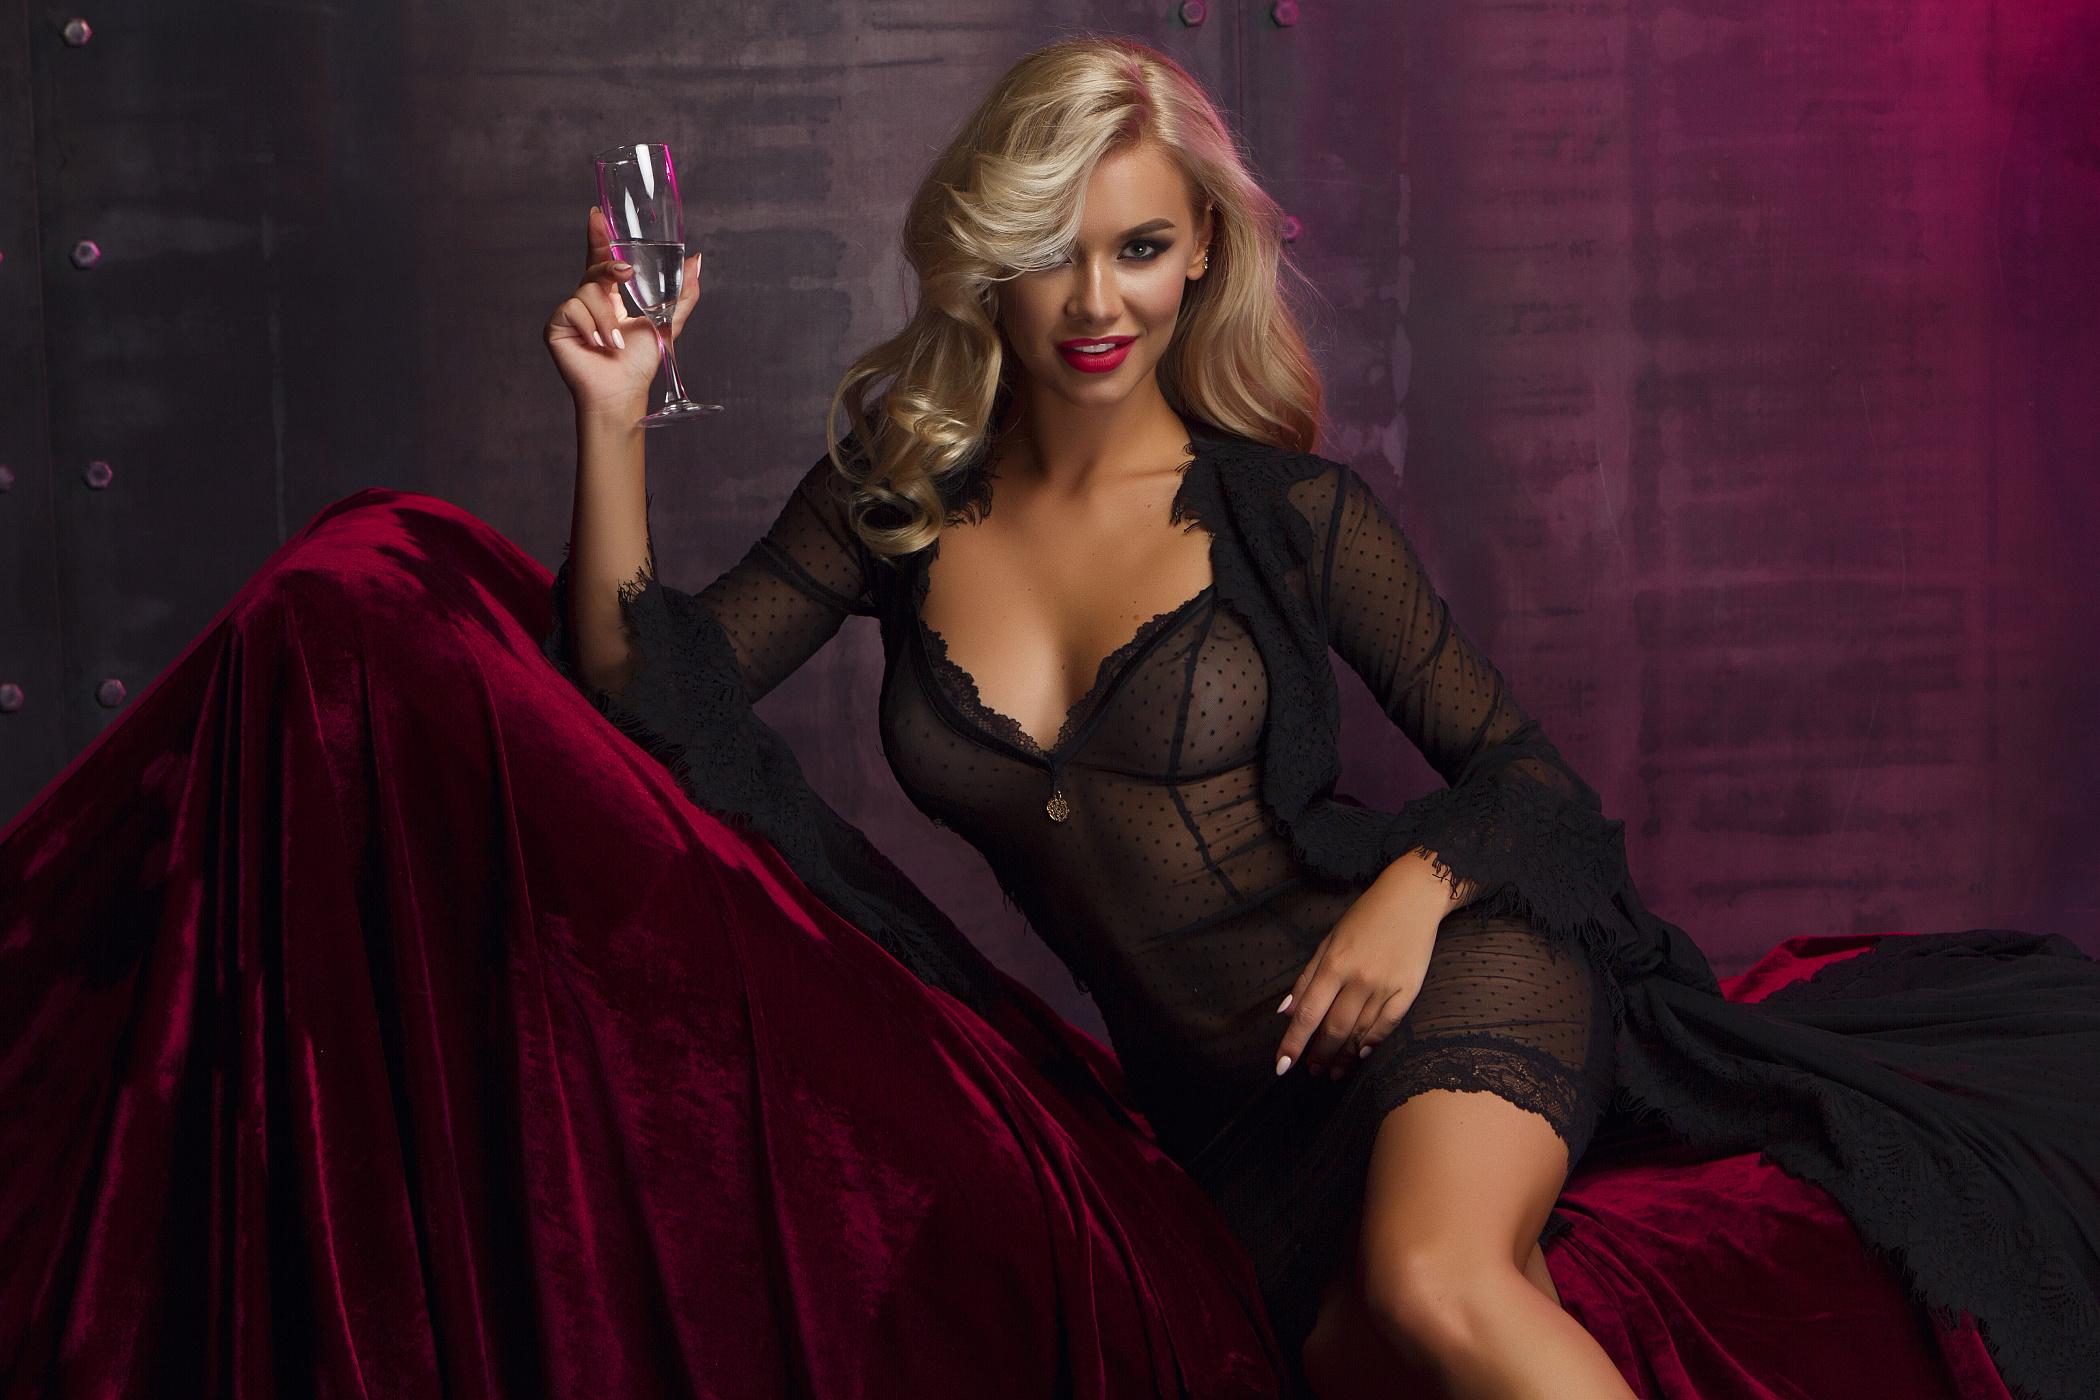 Работы в москве вакансии для девушек заработать моделью онлайн в губаха